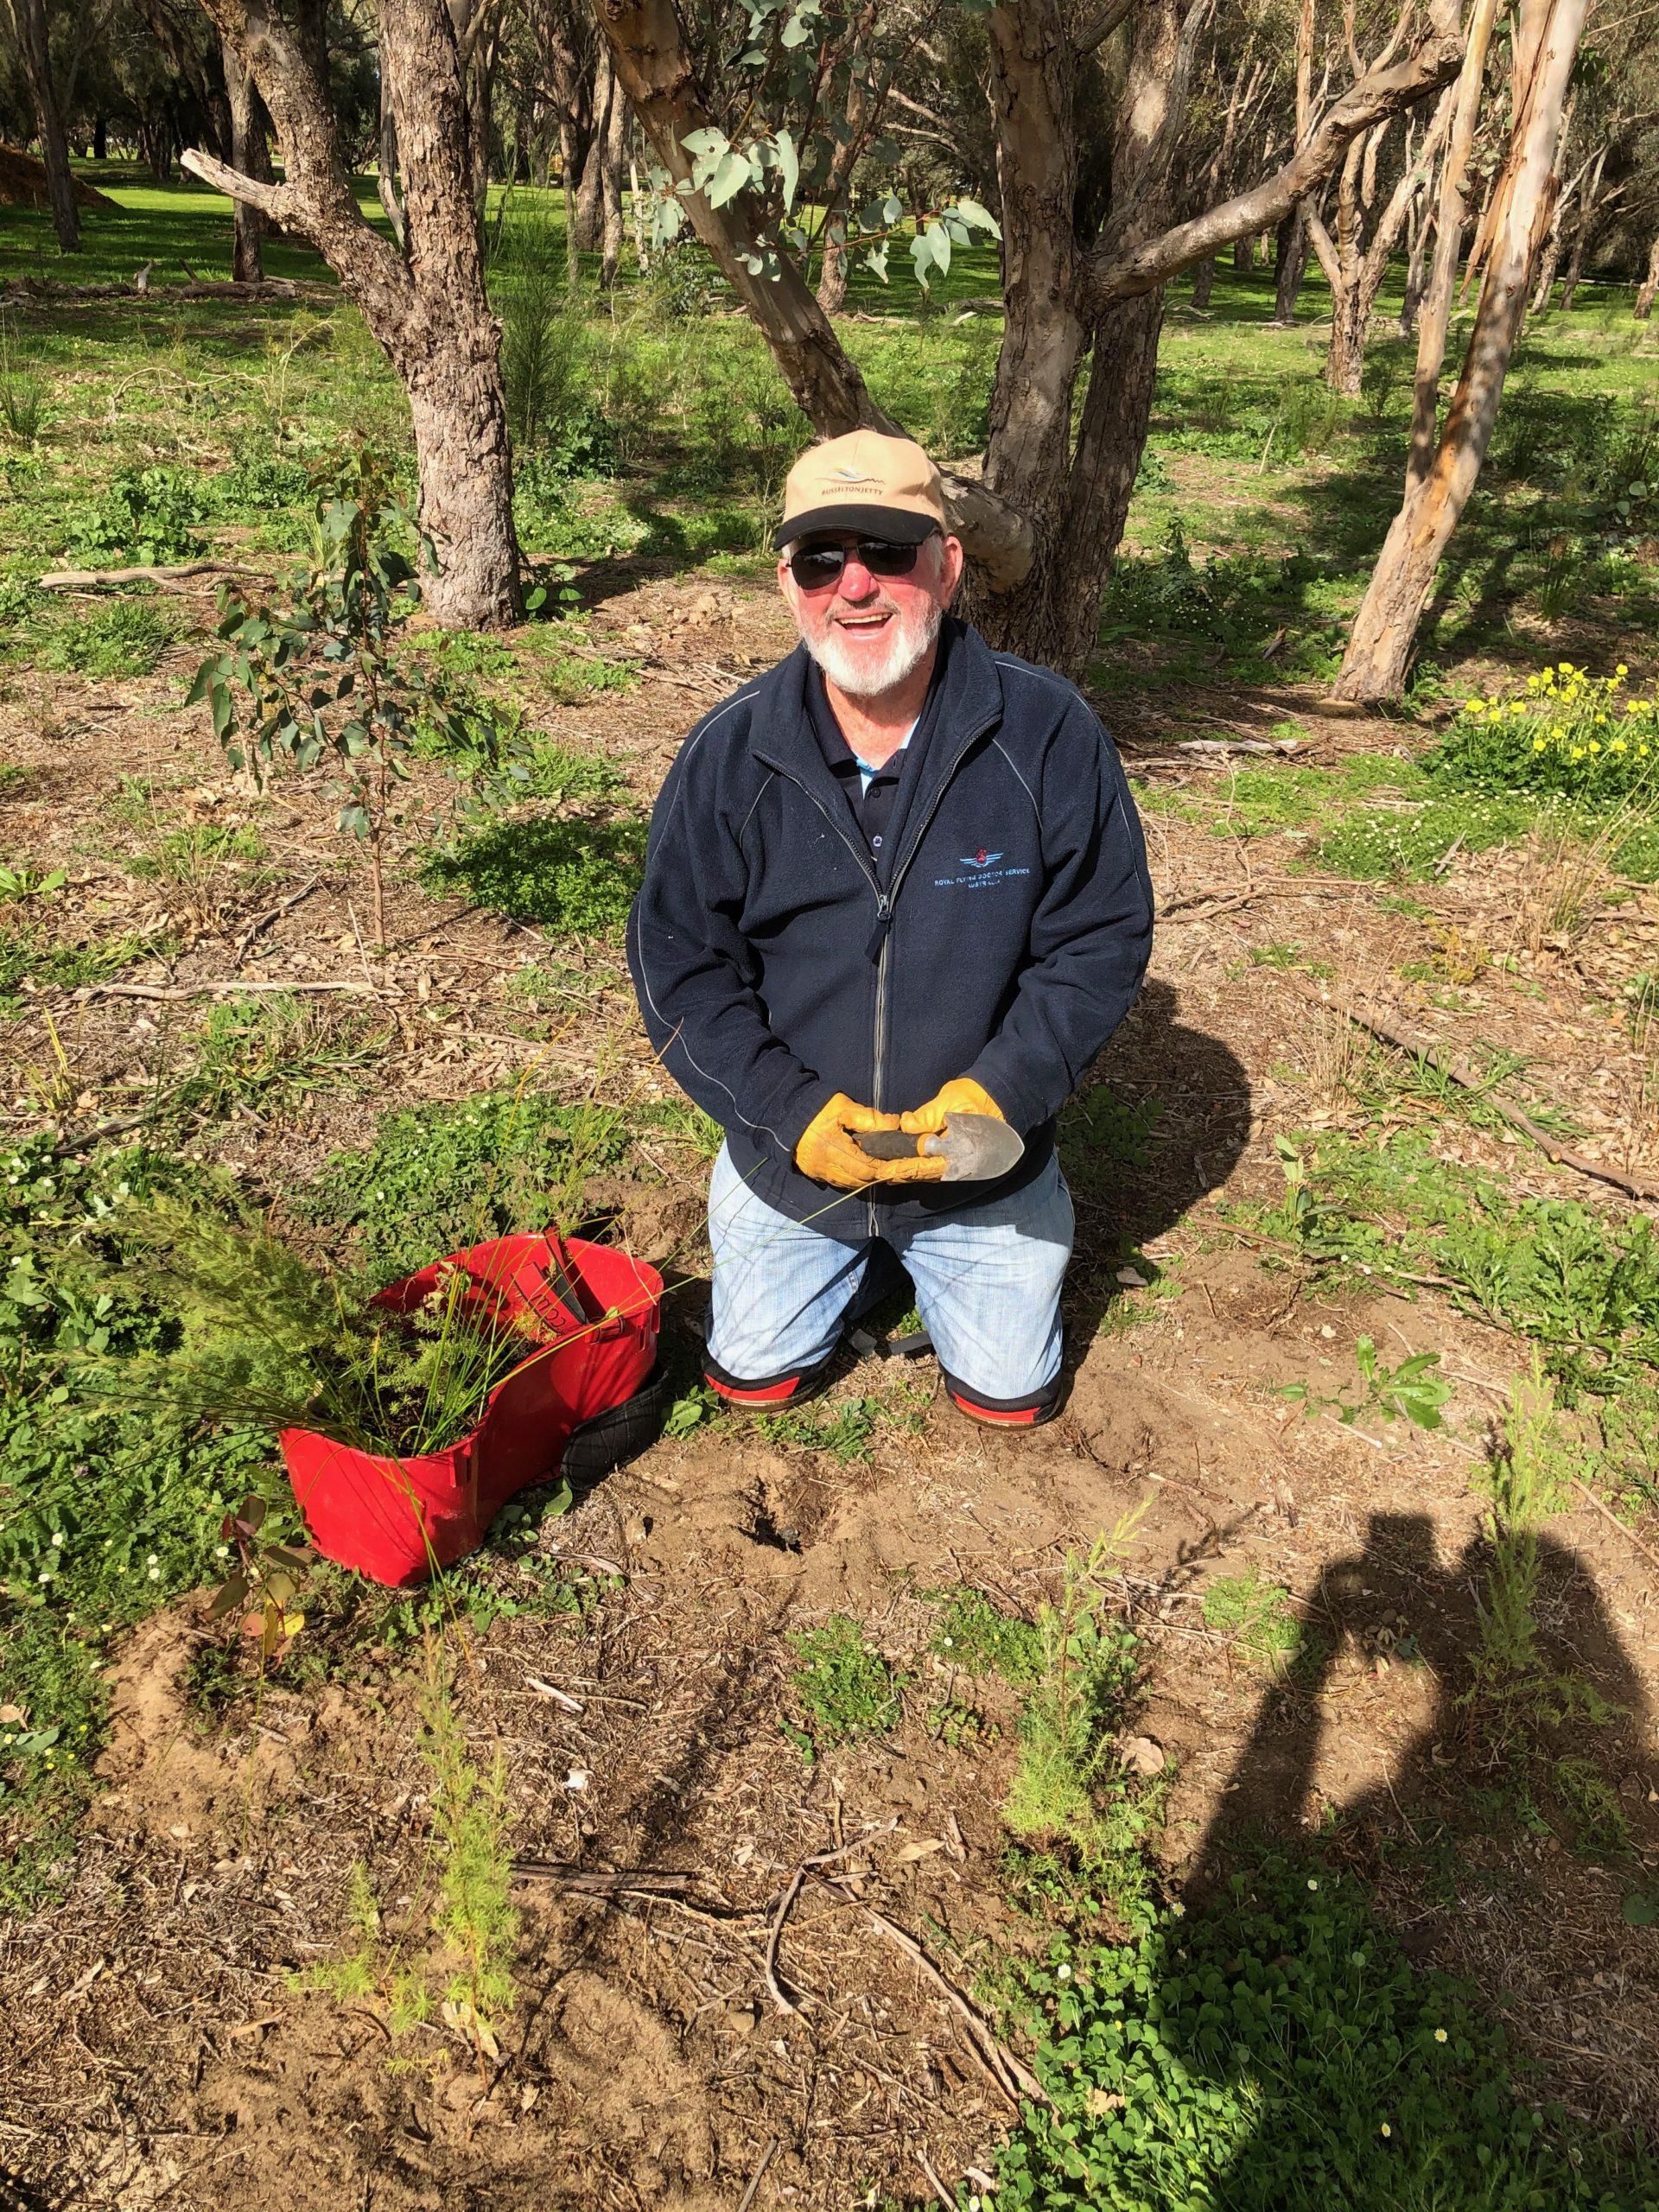 David kneeling with seedlings